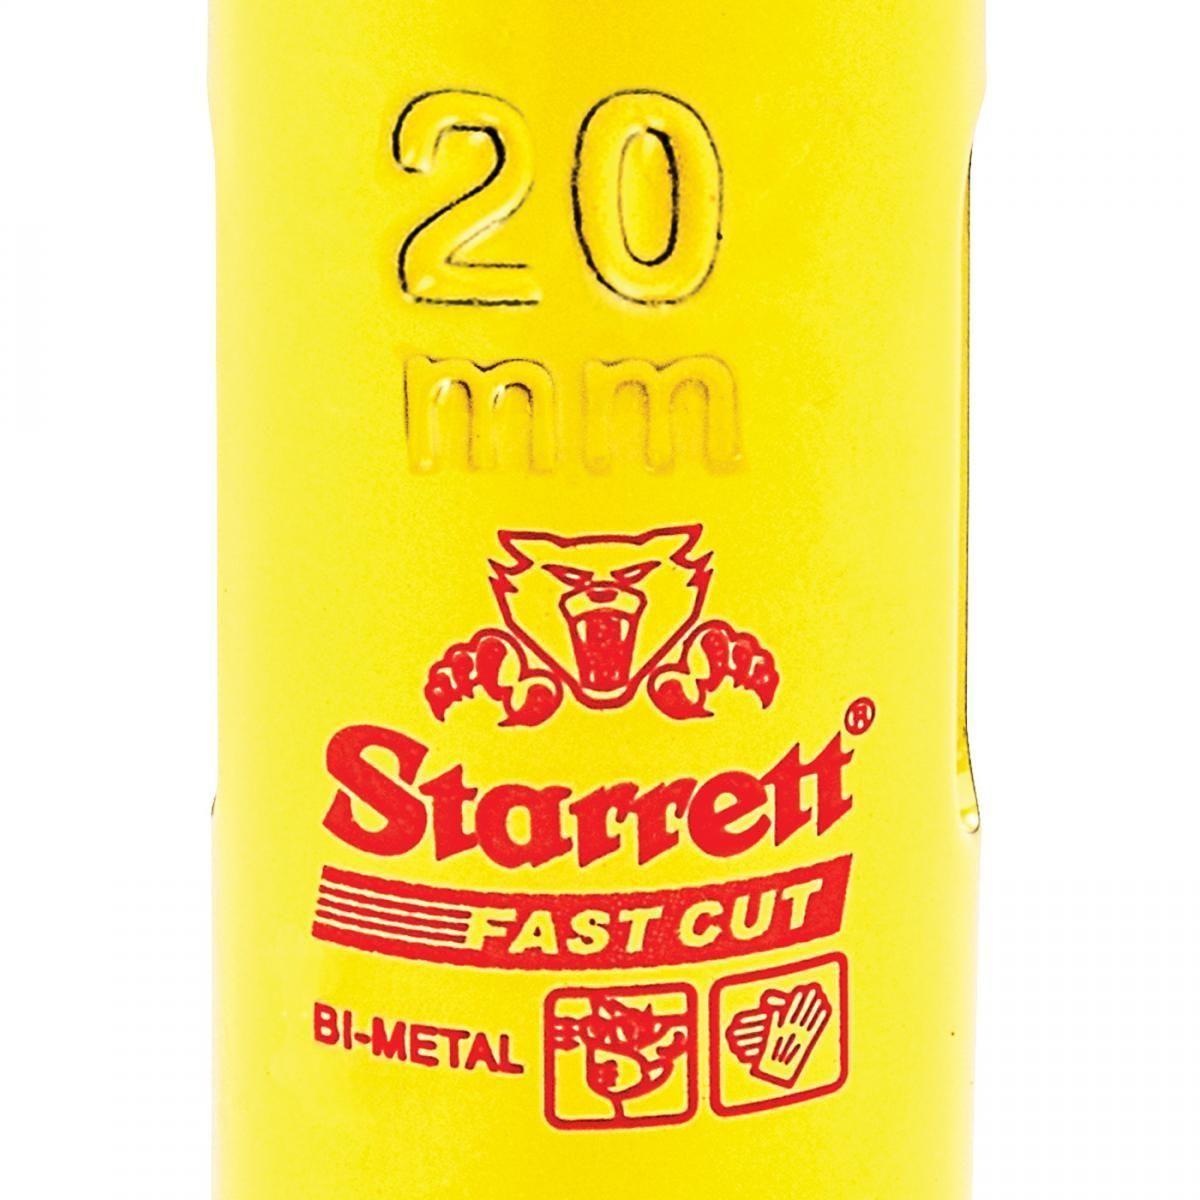 Serra Copo Fast Cut (20mm) - FCH020M-G Starrett